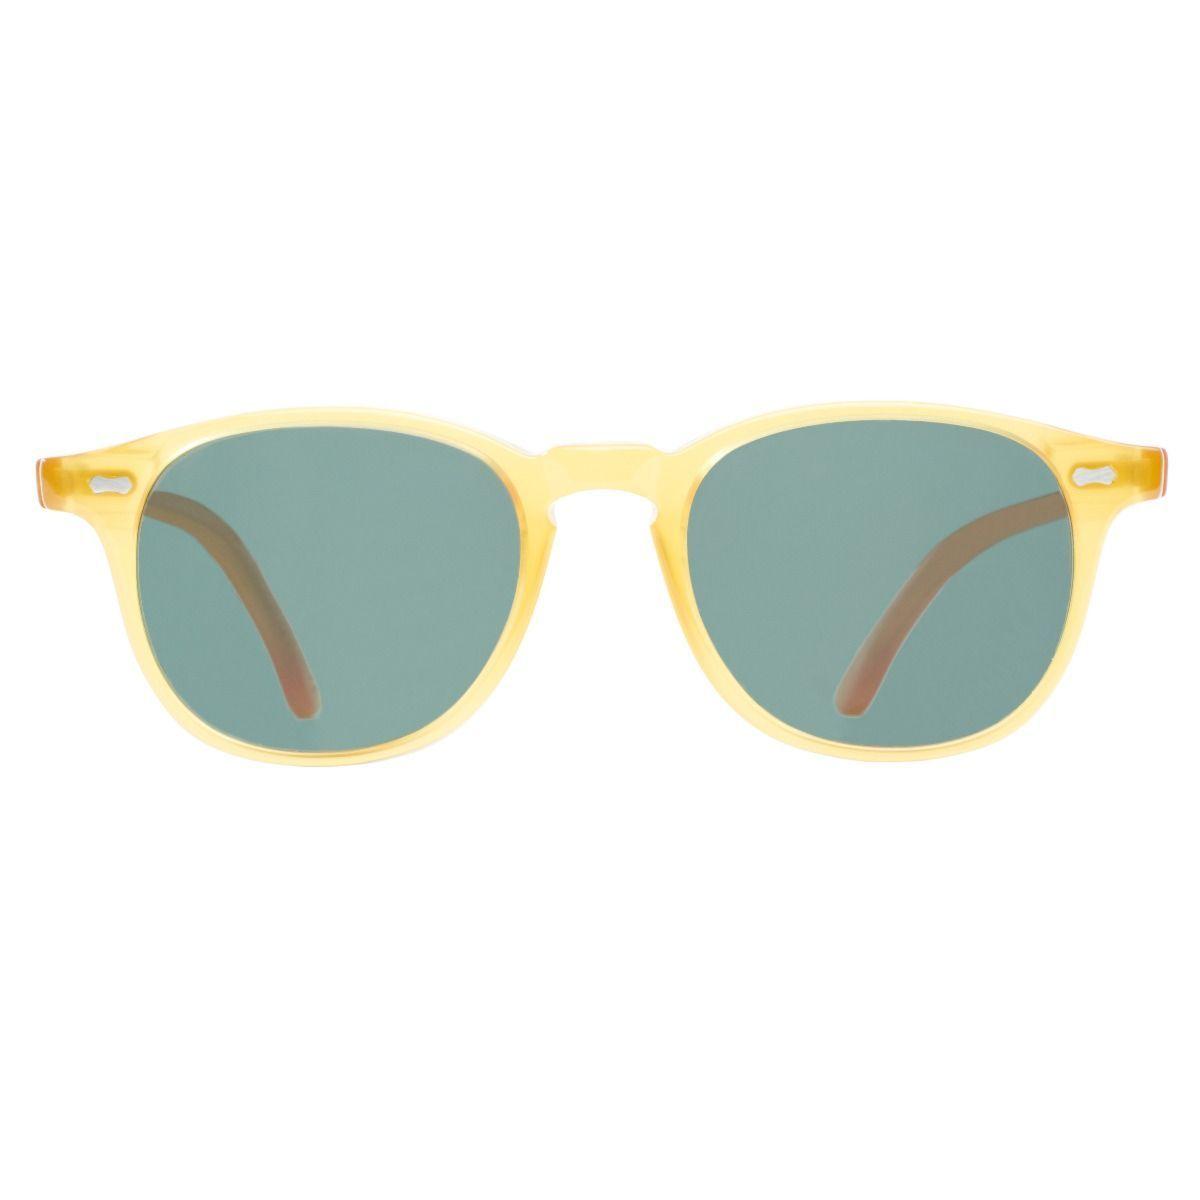 e21ead6aeab Shetland – Honey Acetate Frame Italian Sunglasses with Bottle Green Lenses